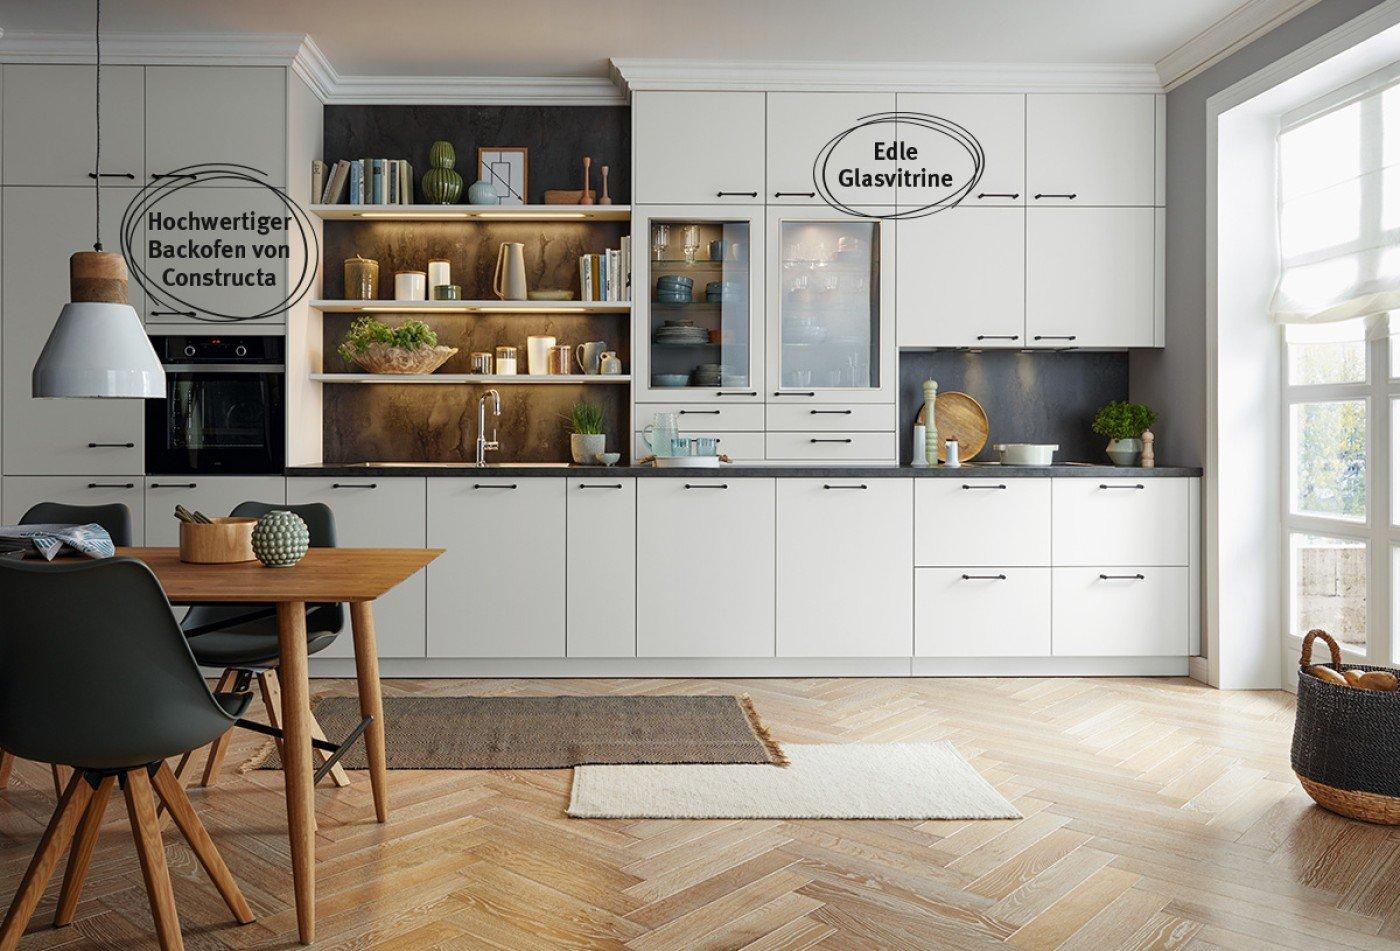 Deckenhohe Küchenzeile mit reduzierter Optik und modernen Details.